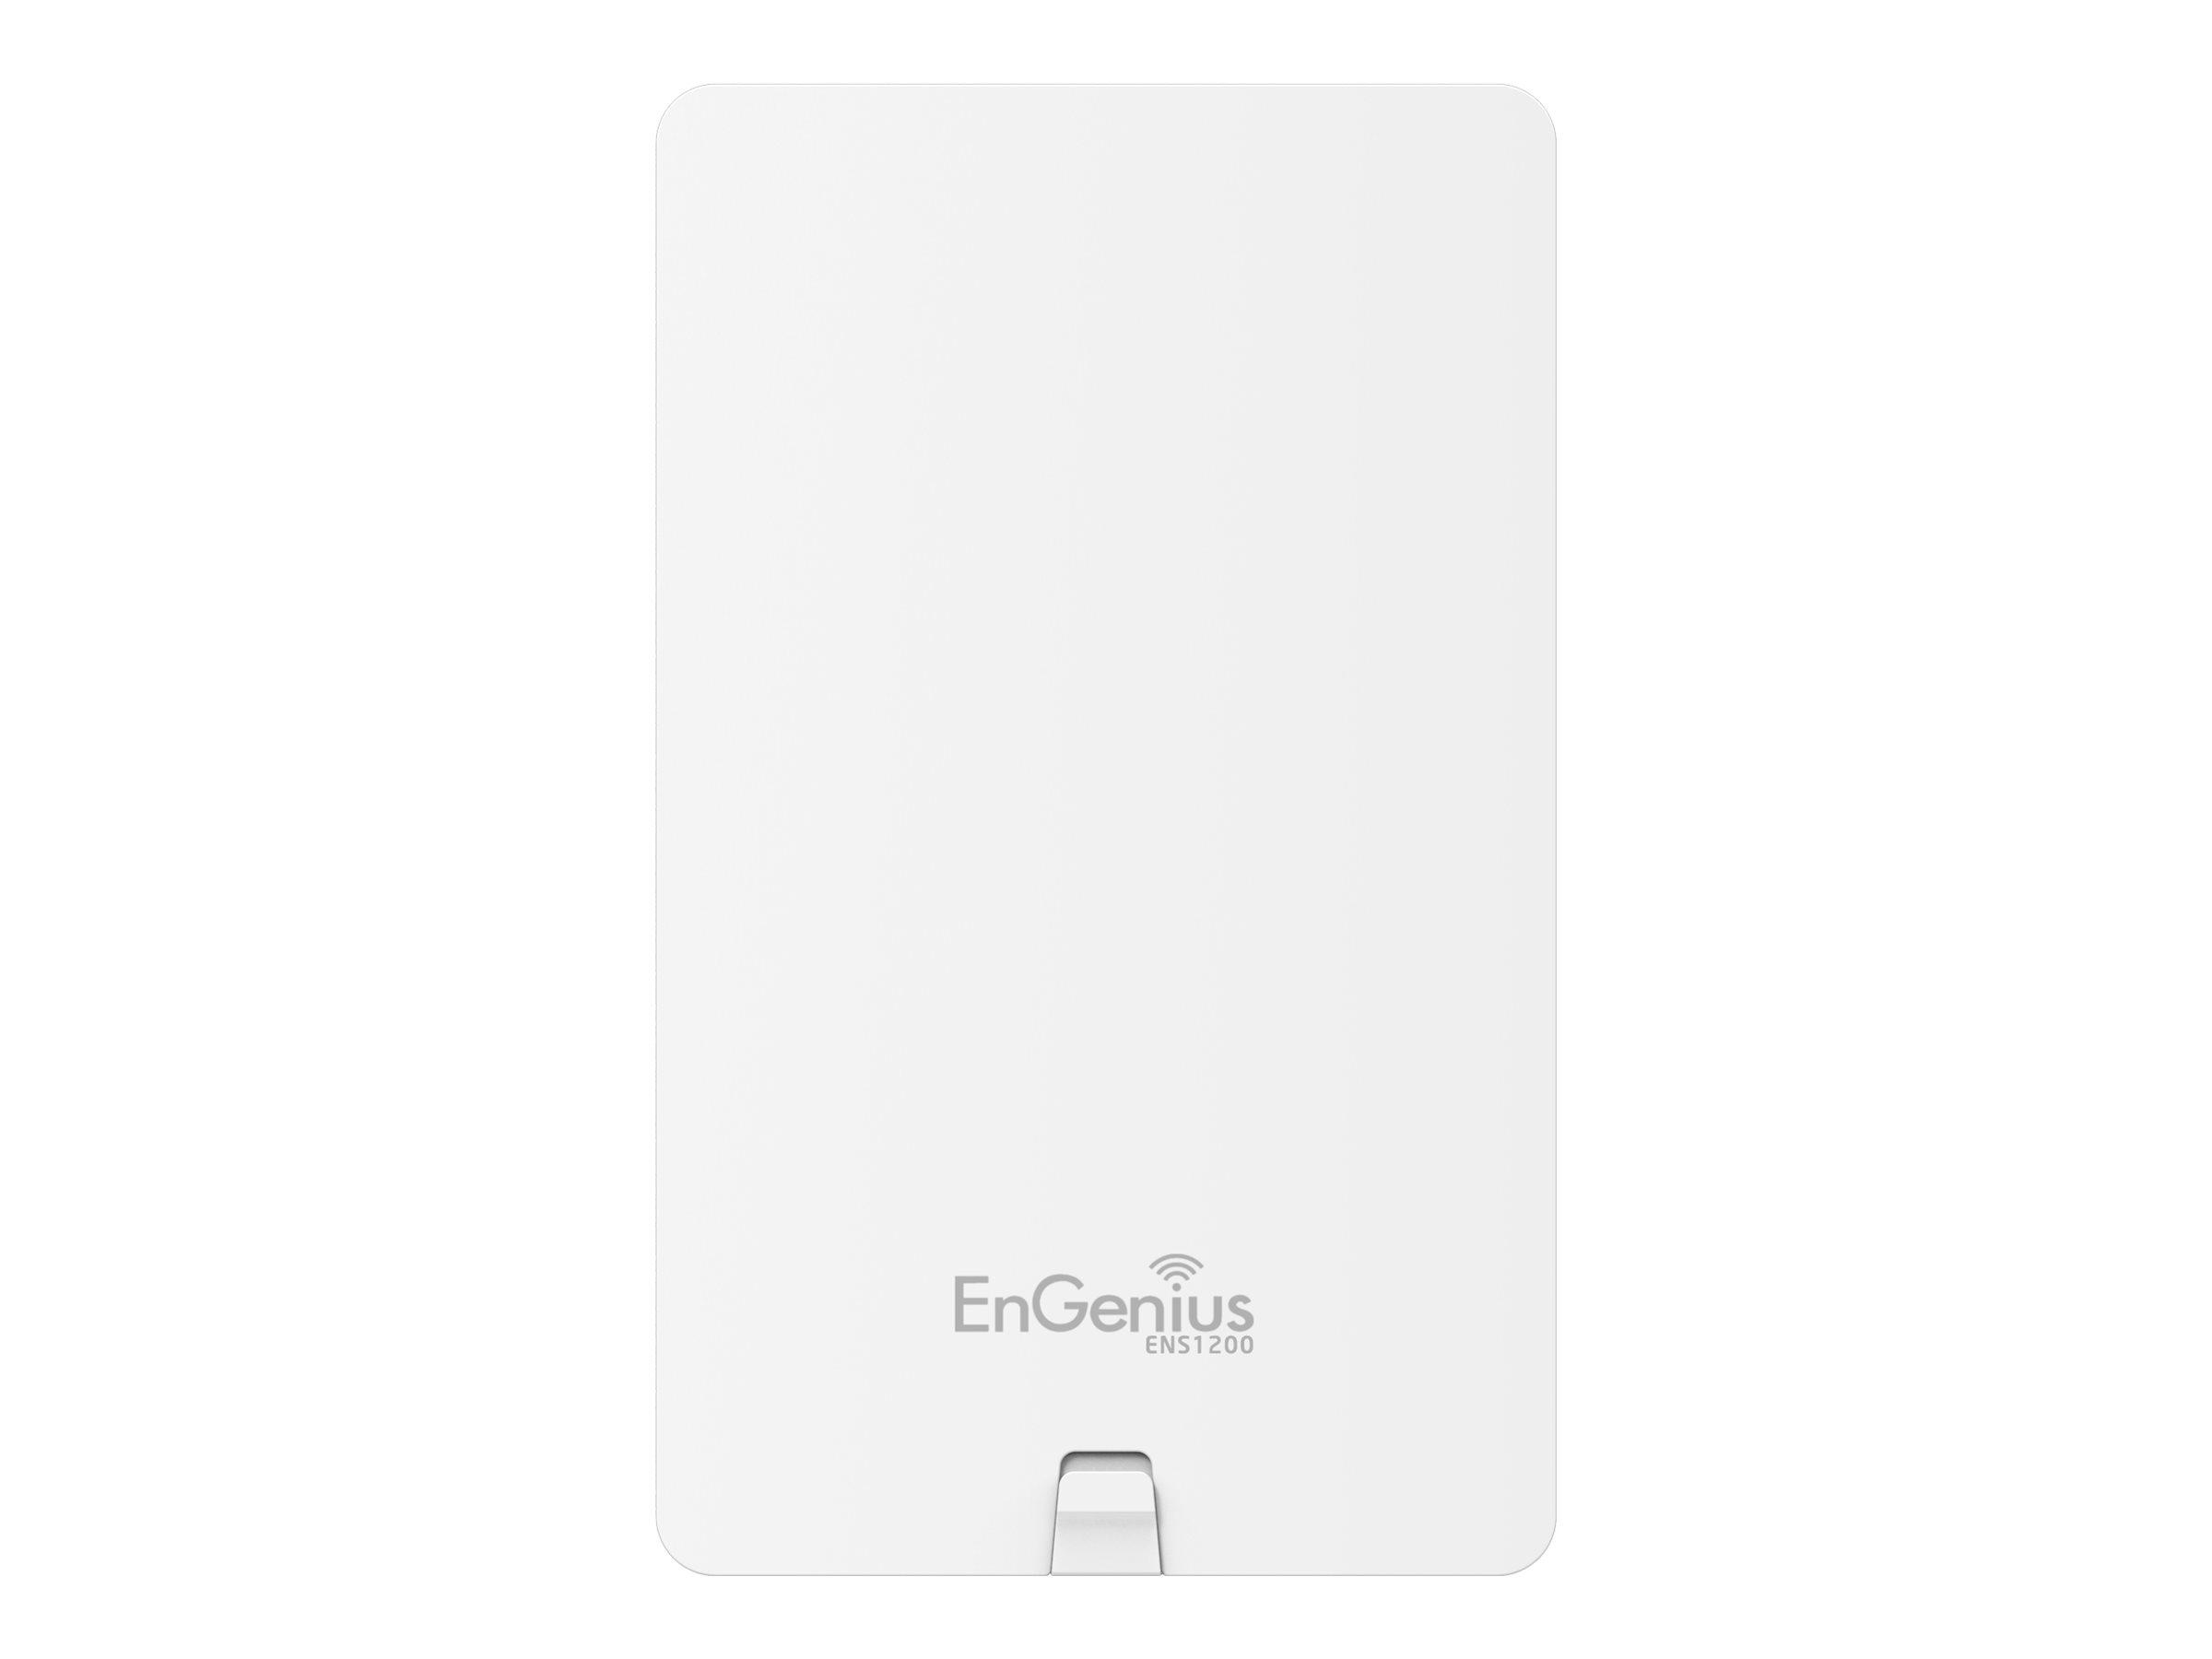 EnGenius ENS1200 - trådløst tilgangspunkt ENS1200